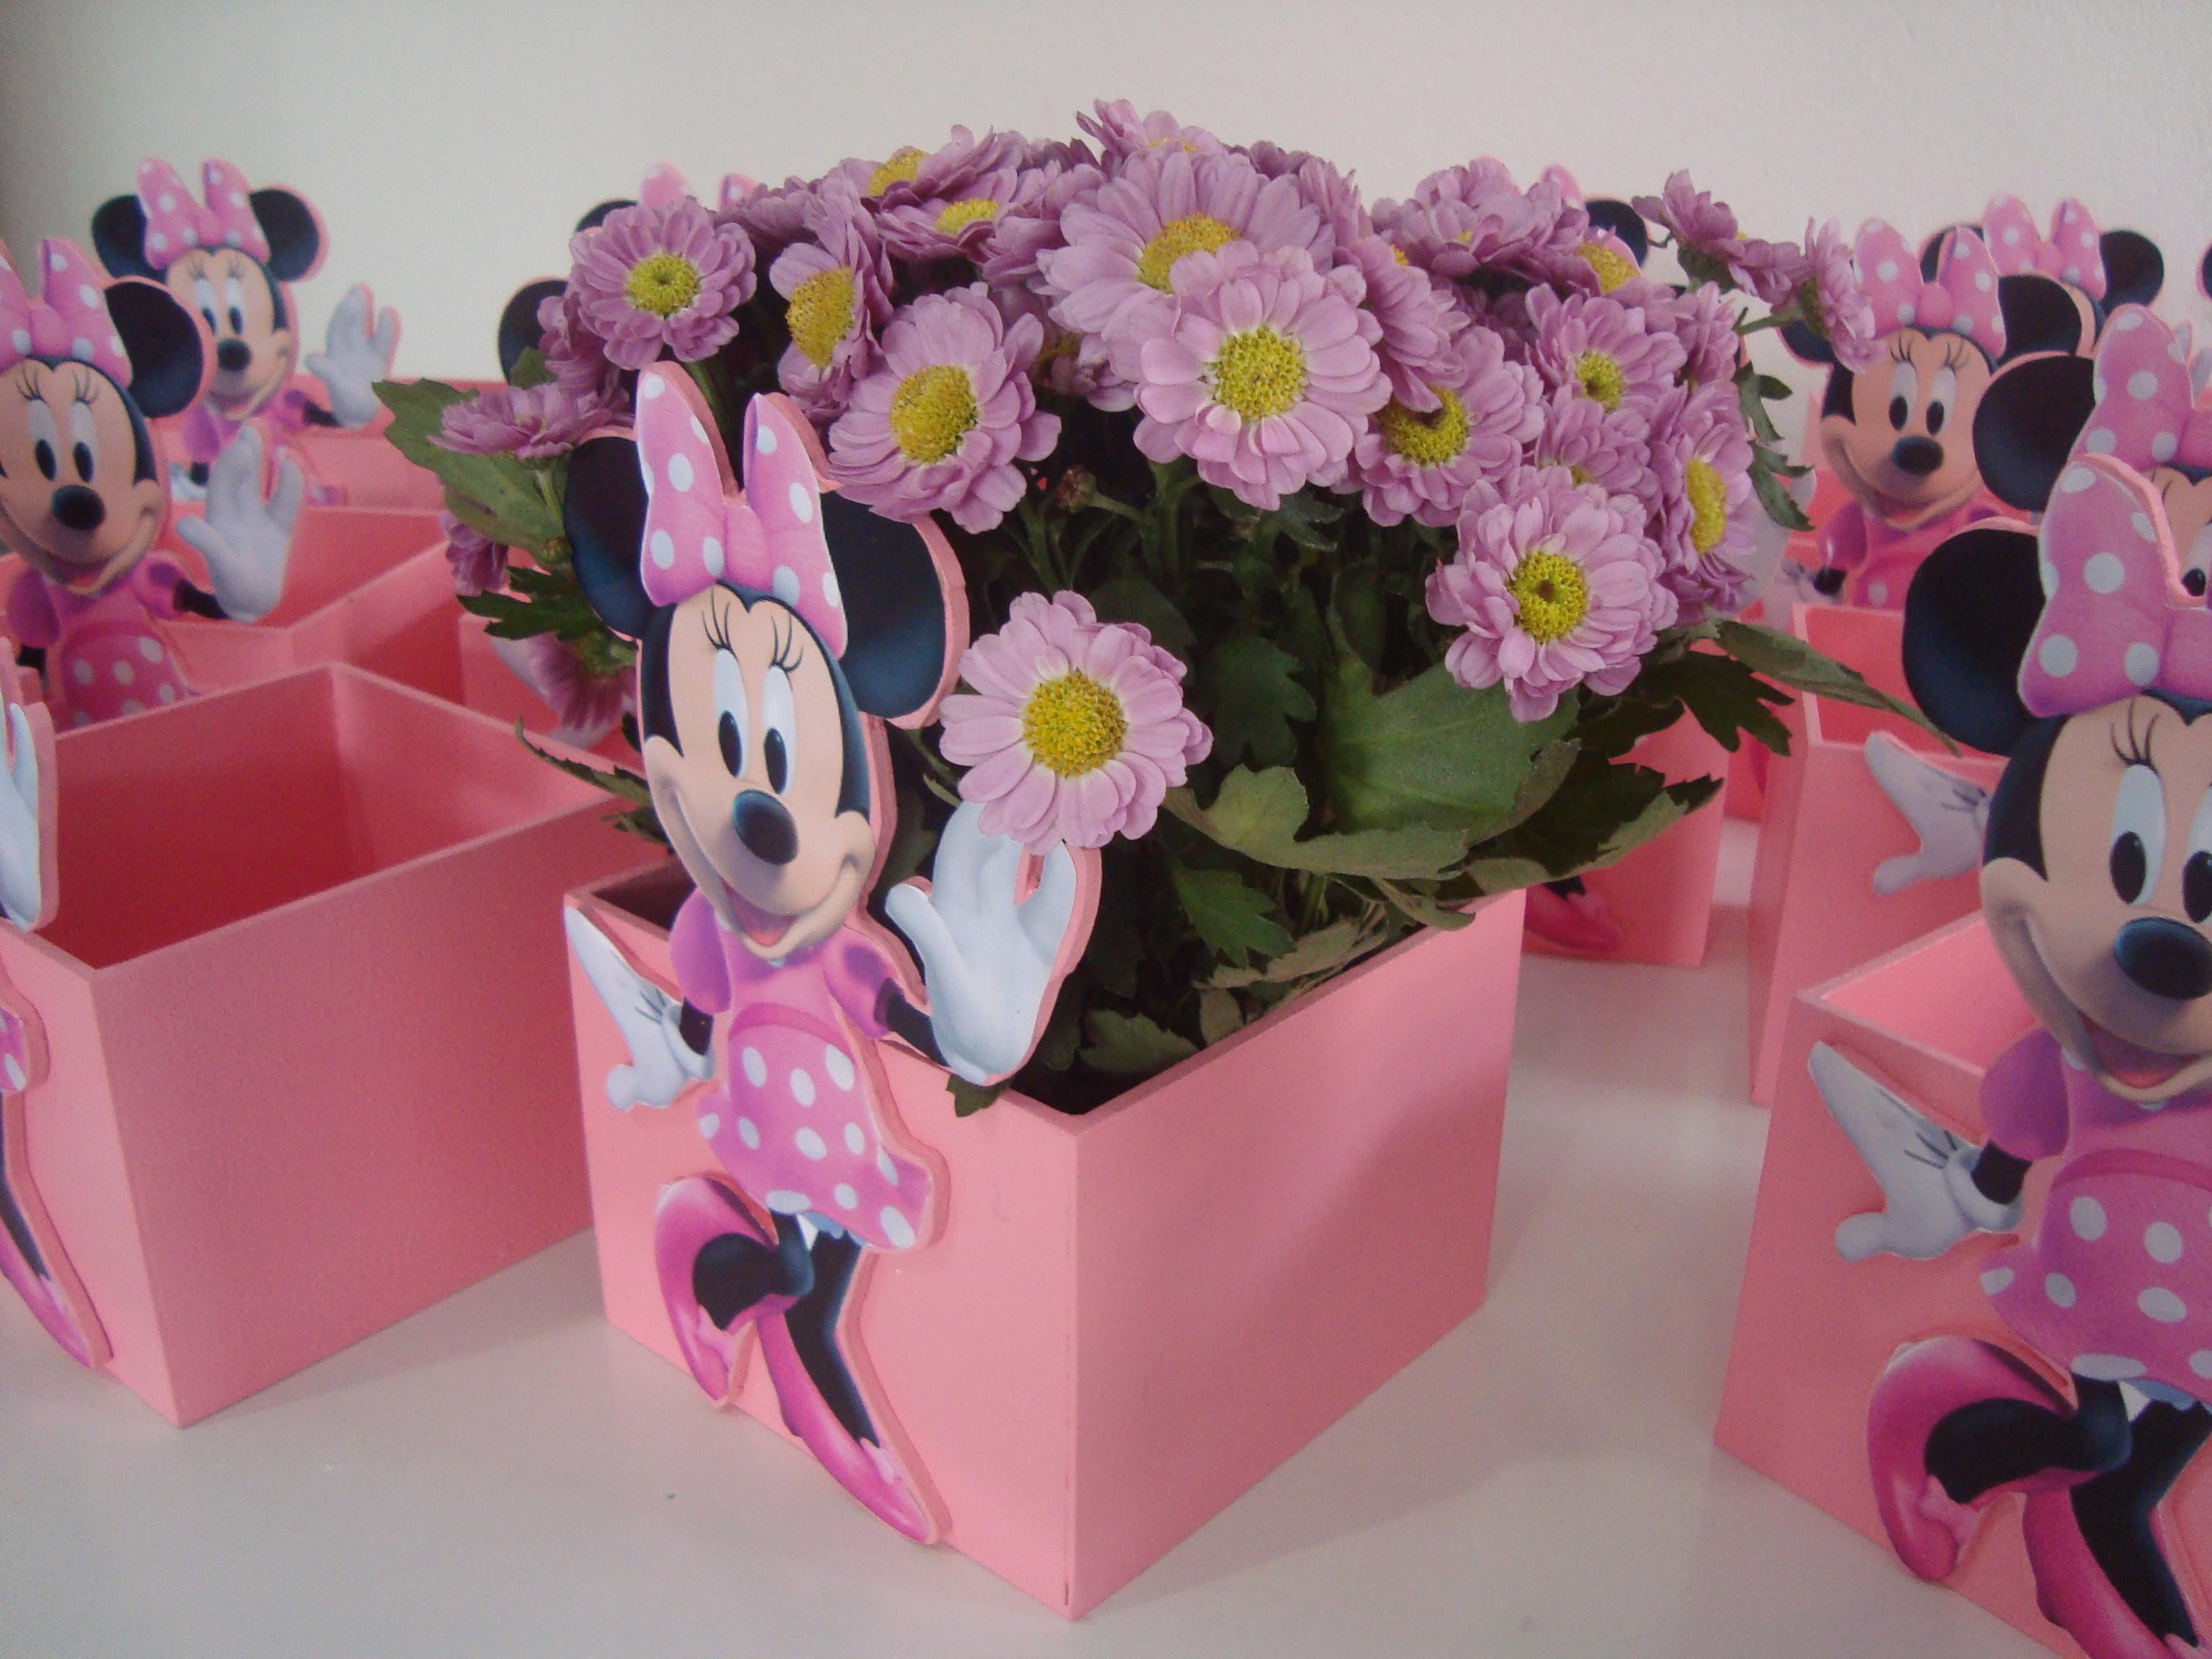 Centro de mesa minie cachep flores gaby artes elo7 - Centro de mesas flores ...